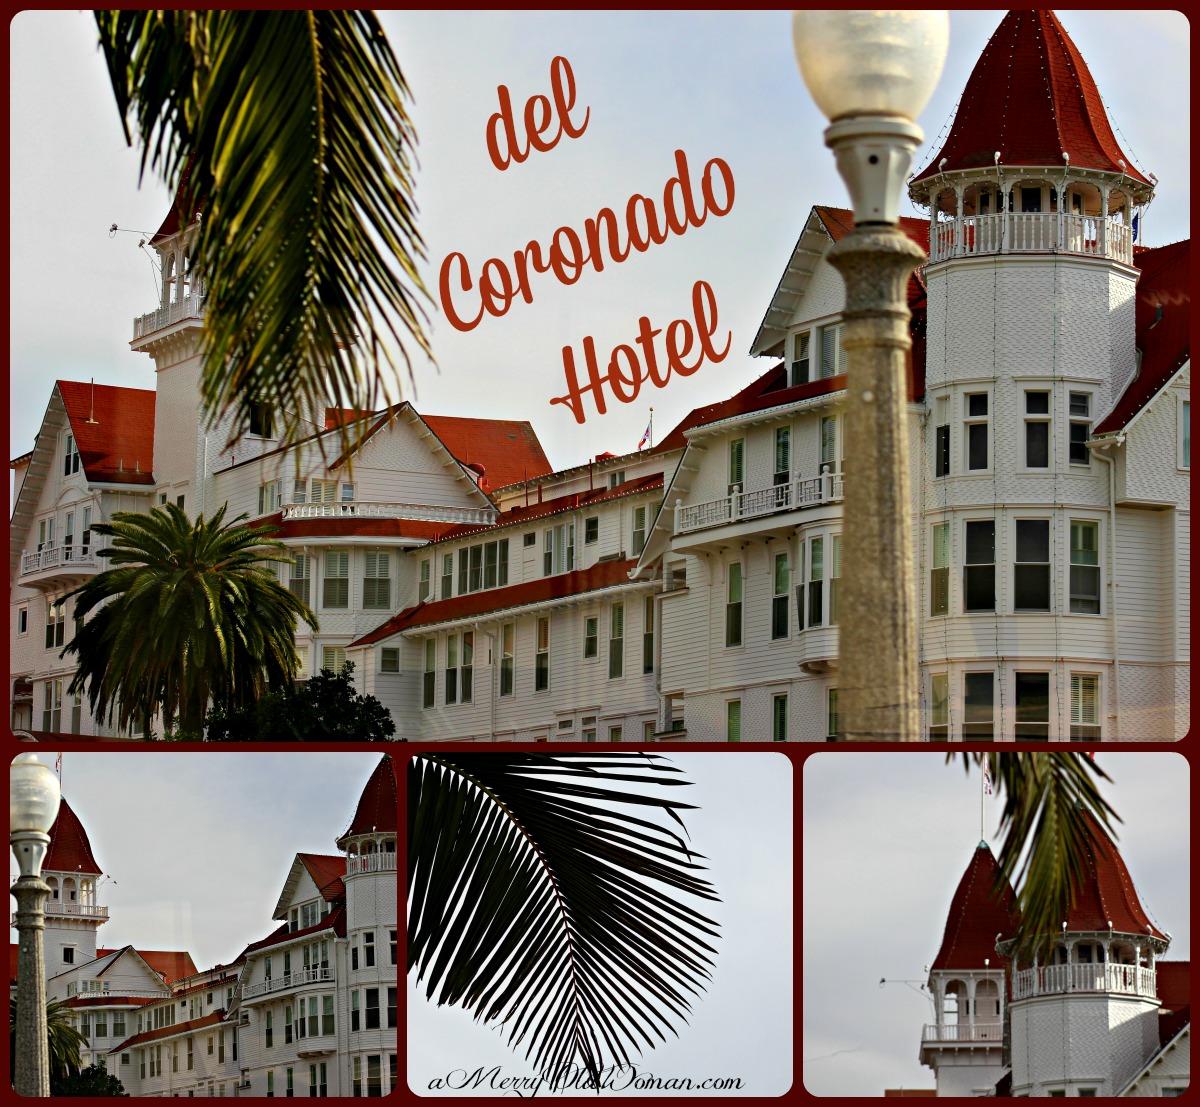 Del Coronado Hotel, San Diego CA